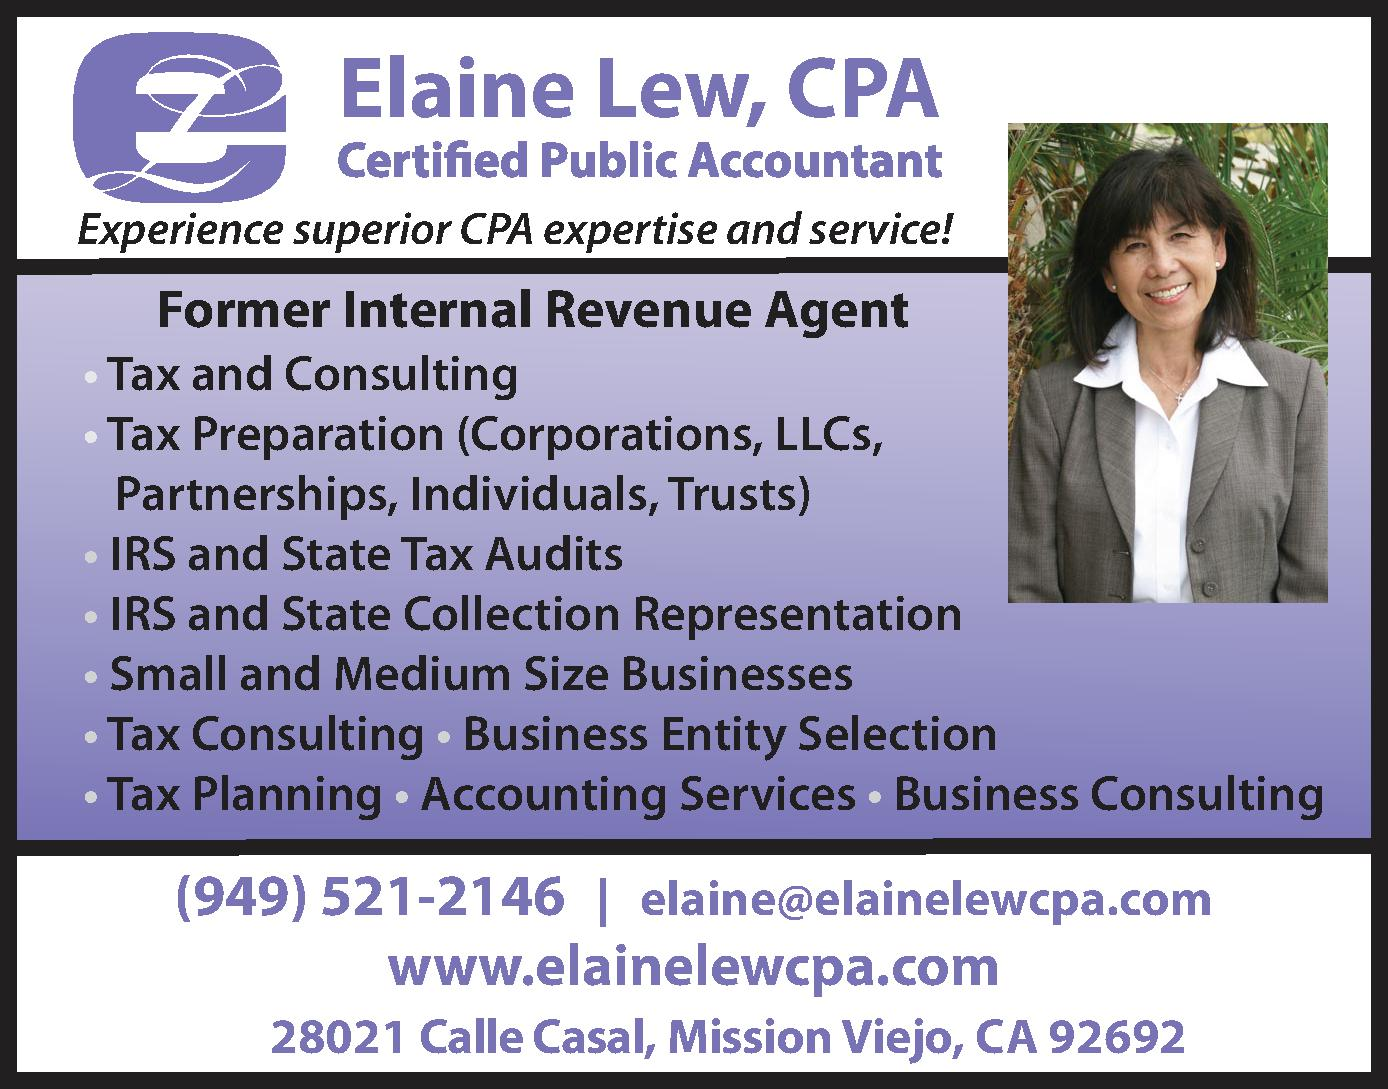 Elaine Lew, CPA